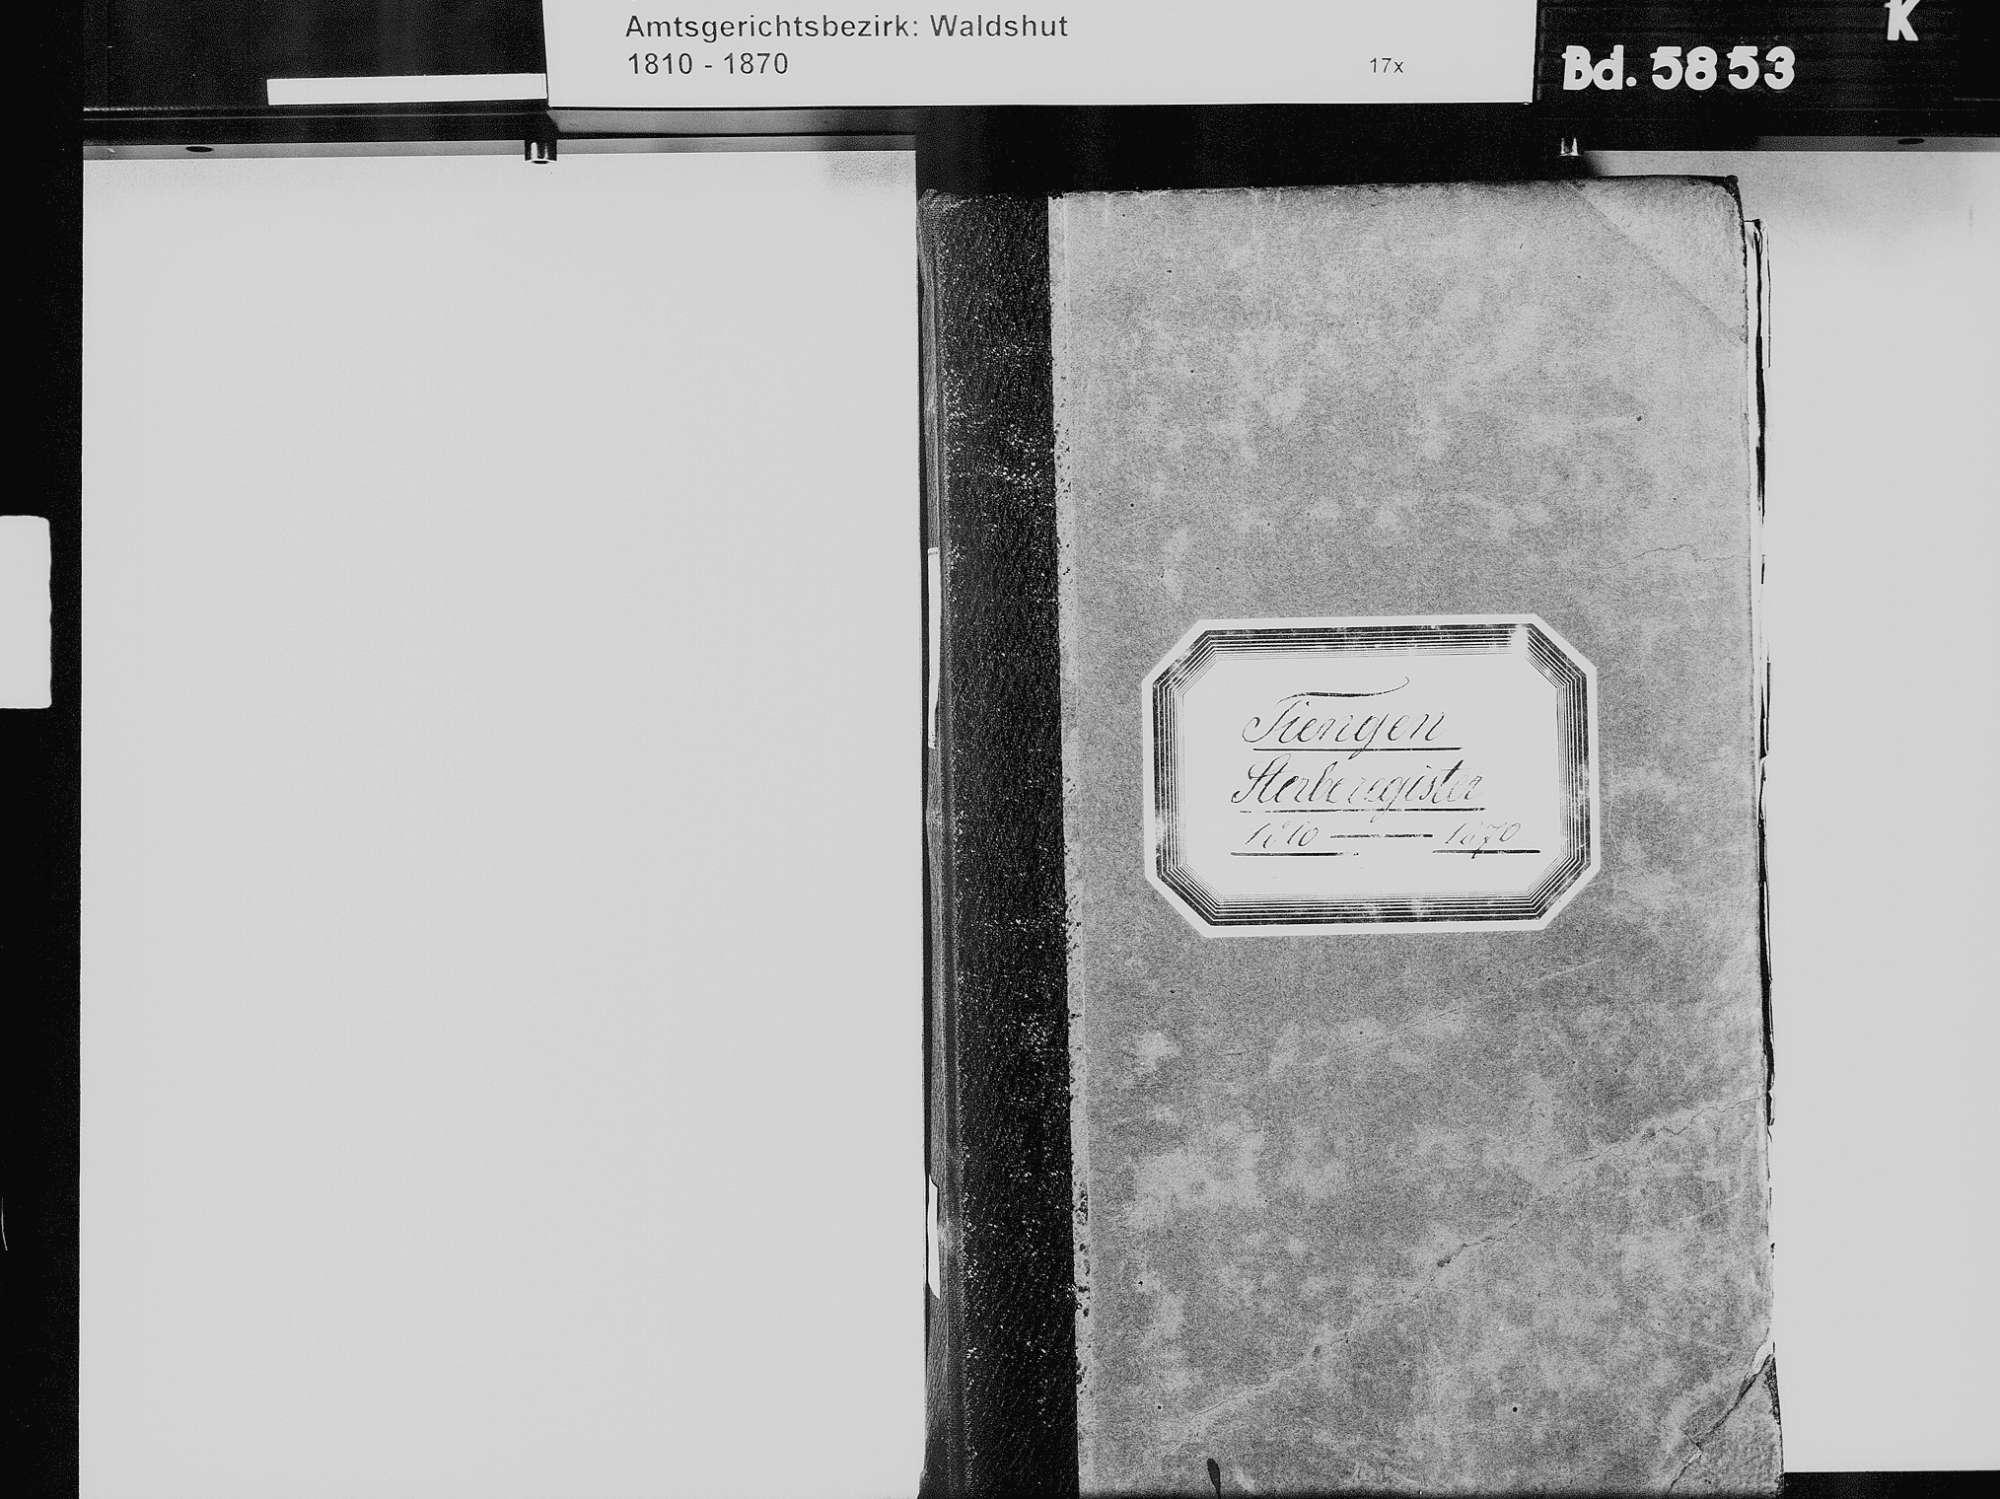 Tiengen/Hochrhein, Waldshut-Tiengen WT; Katholische Gemeinde: Sterbebuch 1810-1869 Tiengen/Hochrhein, Waldshut-Tiengen WT; Israelitische Gemeinde: Sterbebuch 1819, 1821-1822, 1866, Bild 3